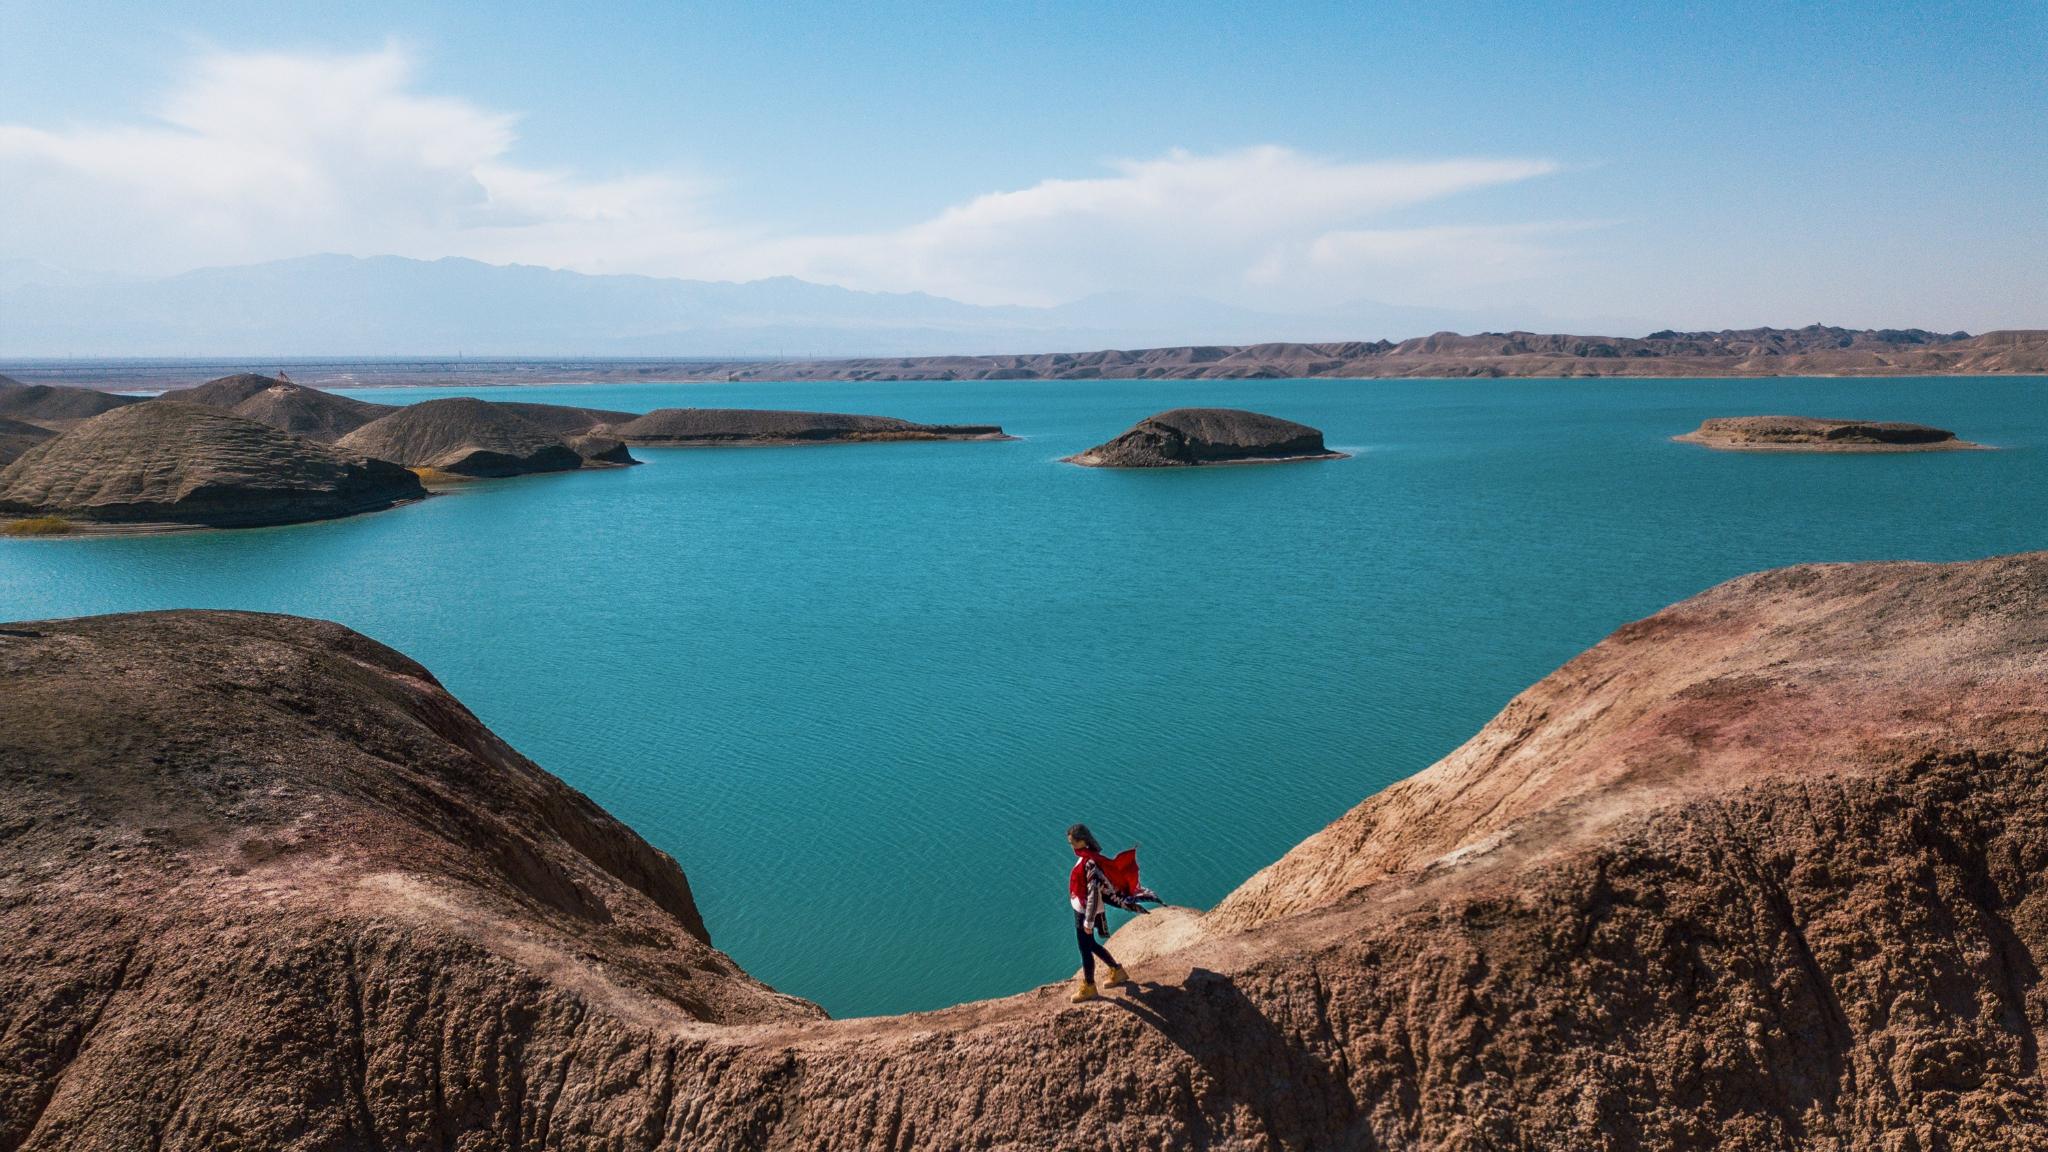 嘉峪关那些鲜为人知的美景,黑山湖、大峡谷、胡杨林,七日深度行